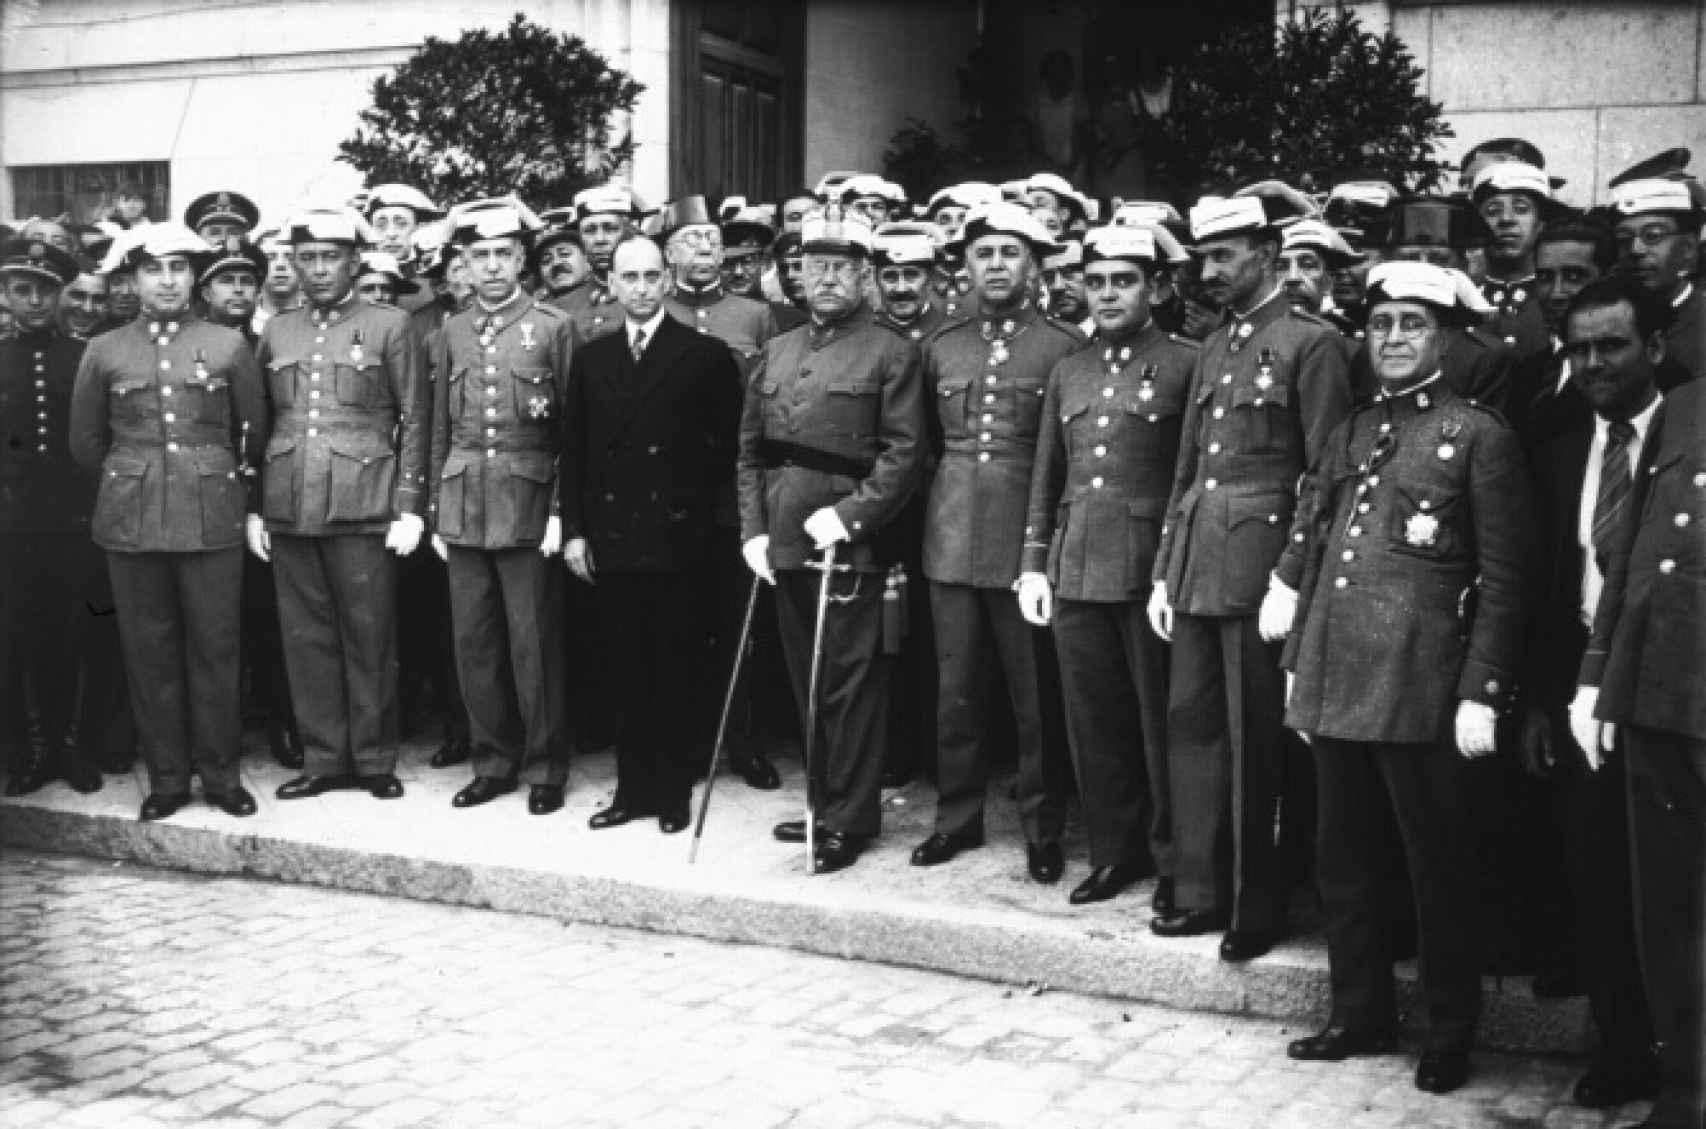 Casares Quiroga, en su etapa de ministro de la Gobernación, rodeado de militares.